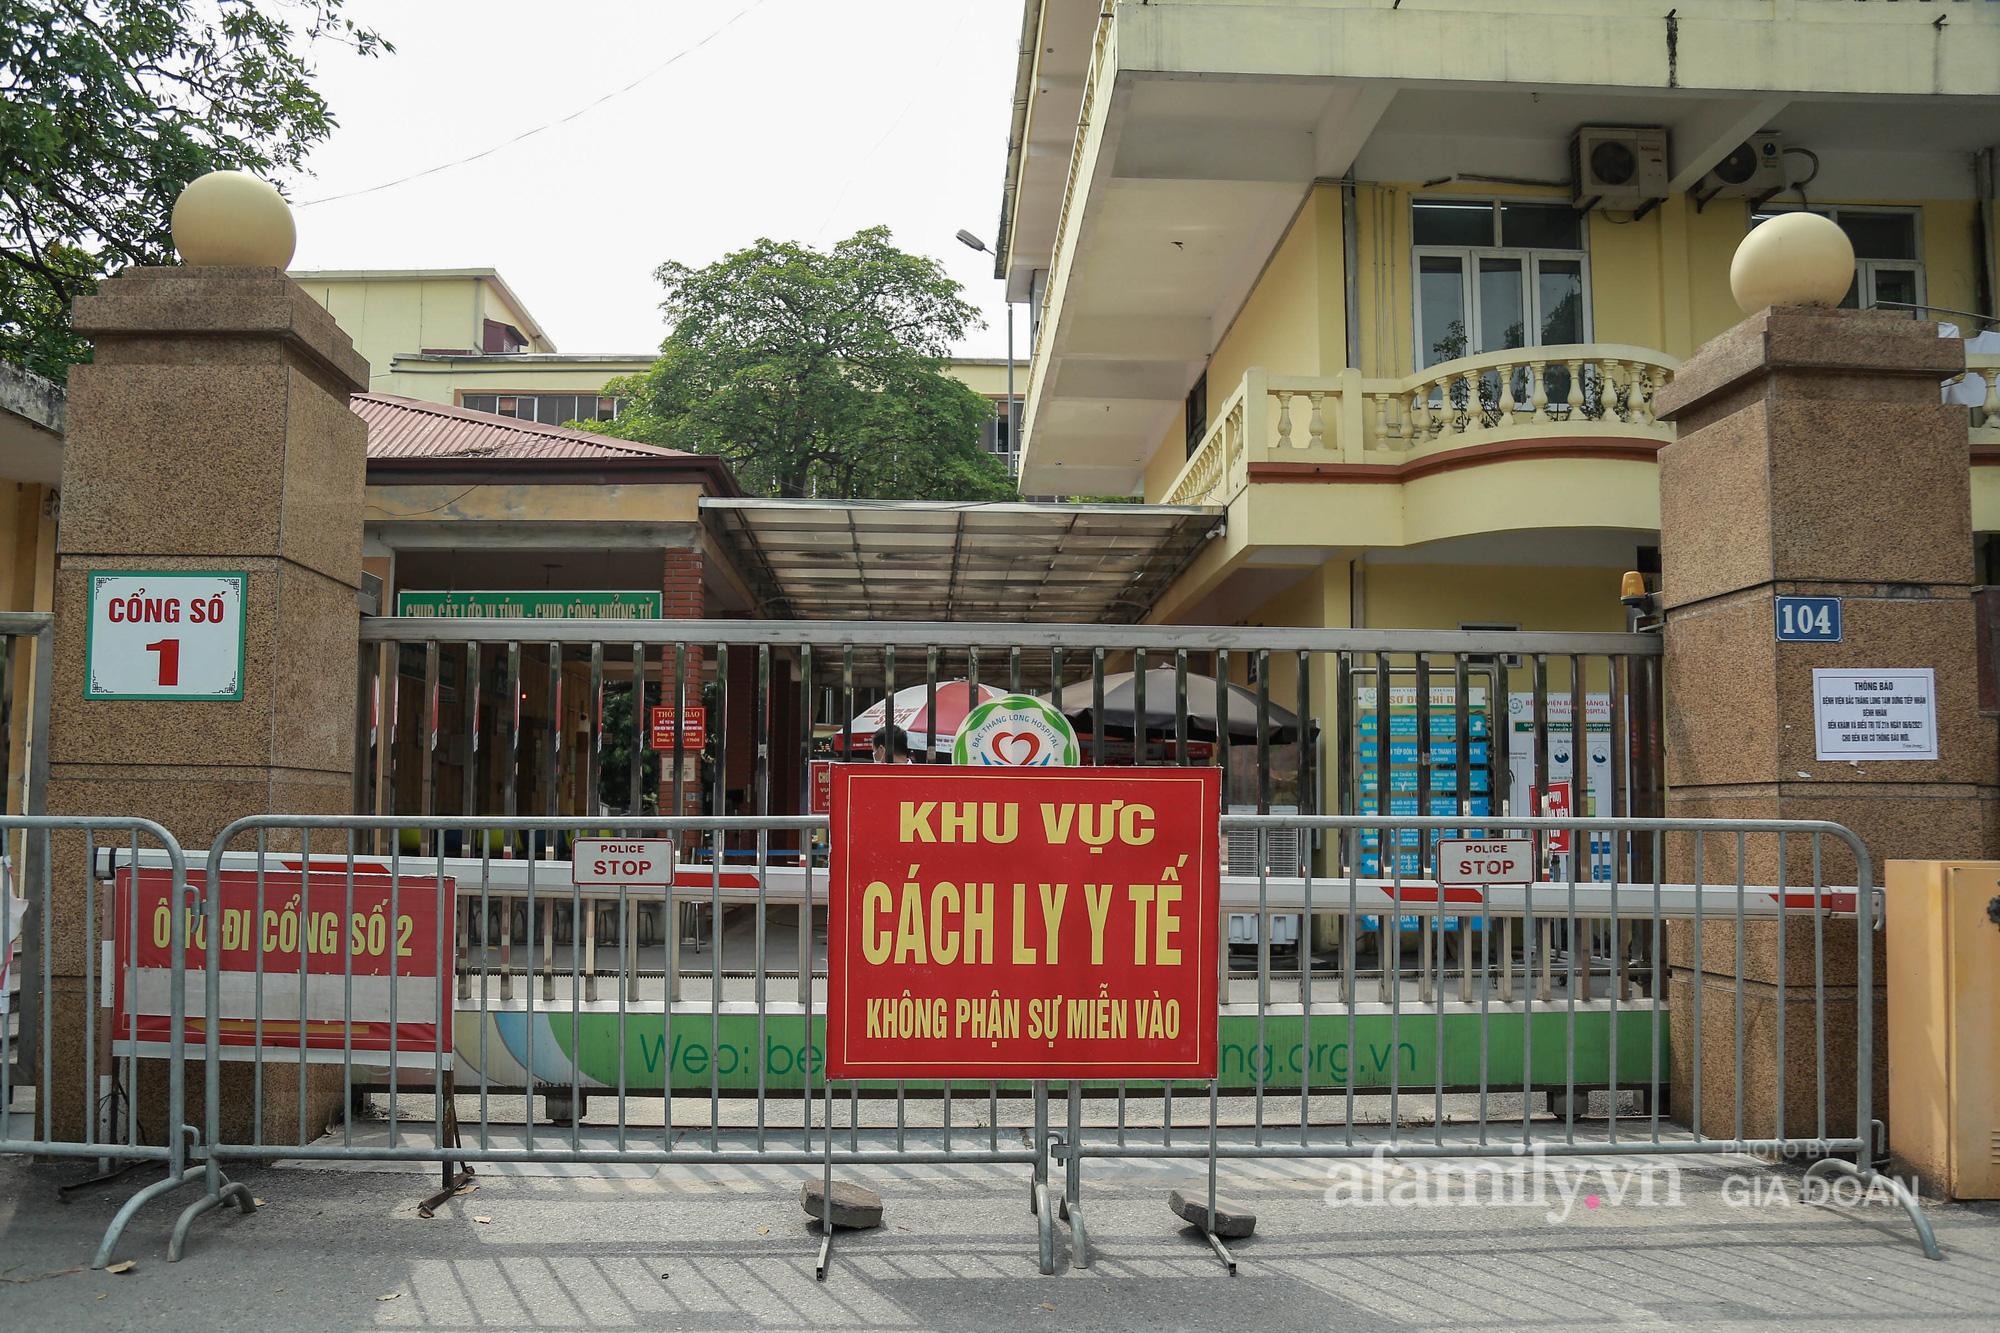 Bệnh viện Bắc Thăng Long tạm thời phong tỏa, dừng tiếp nhận bệnh nhân vì có liên quan đến người phụ nữ bán rau dương tính SARS-CoV-2 trong cộng đồng - Ảnh 2.